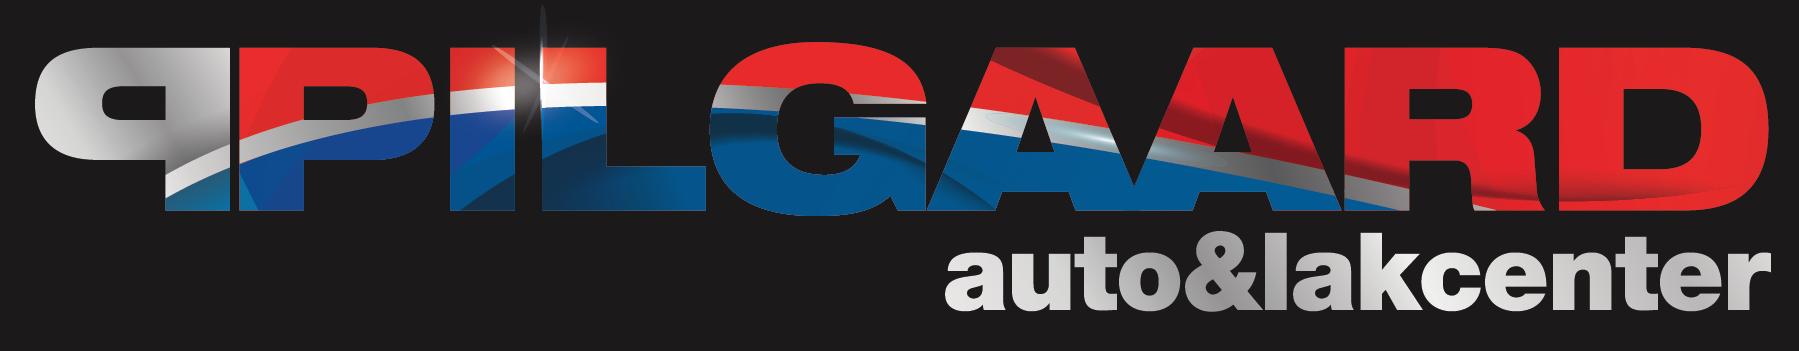 PPilgaard Auto & Lakcenter ApS